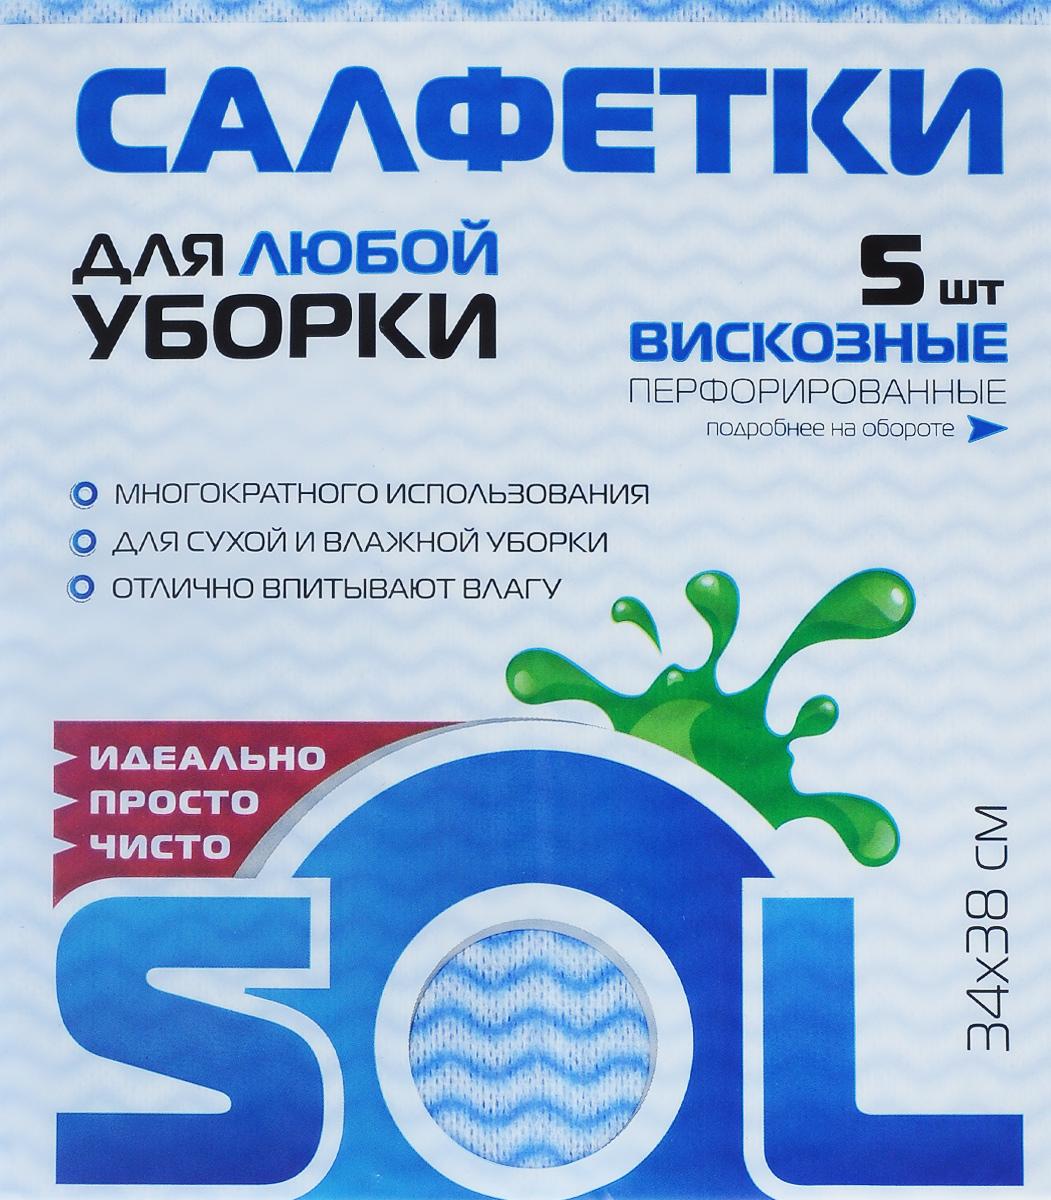 Салфетка для уборки Sol, из вискозы, перфорированная, цвет: голубой, розовый, 34 x 38 см, 5 шт10005/10053_голубой, розовыйПерфорированные салфетки Sol, выполненные из вискозы, предназначены для уборки и могут применяться с различными моющими средствами. Благодаря перфорации салфетка быстро высыхает, что позволяет избежать возникновения неприятных запахов. Отлично подходит для полировки различных поверхностей, не оставляет разводов и ворсинок. Рекомендации по уходу: Для обеспечения гигиеничности уборки после применения прополоскать в теплой воде.Для продления срока службы не применять машинную стирку, не гладить и не кипятить.